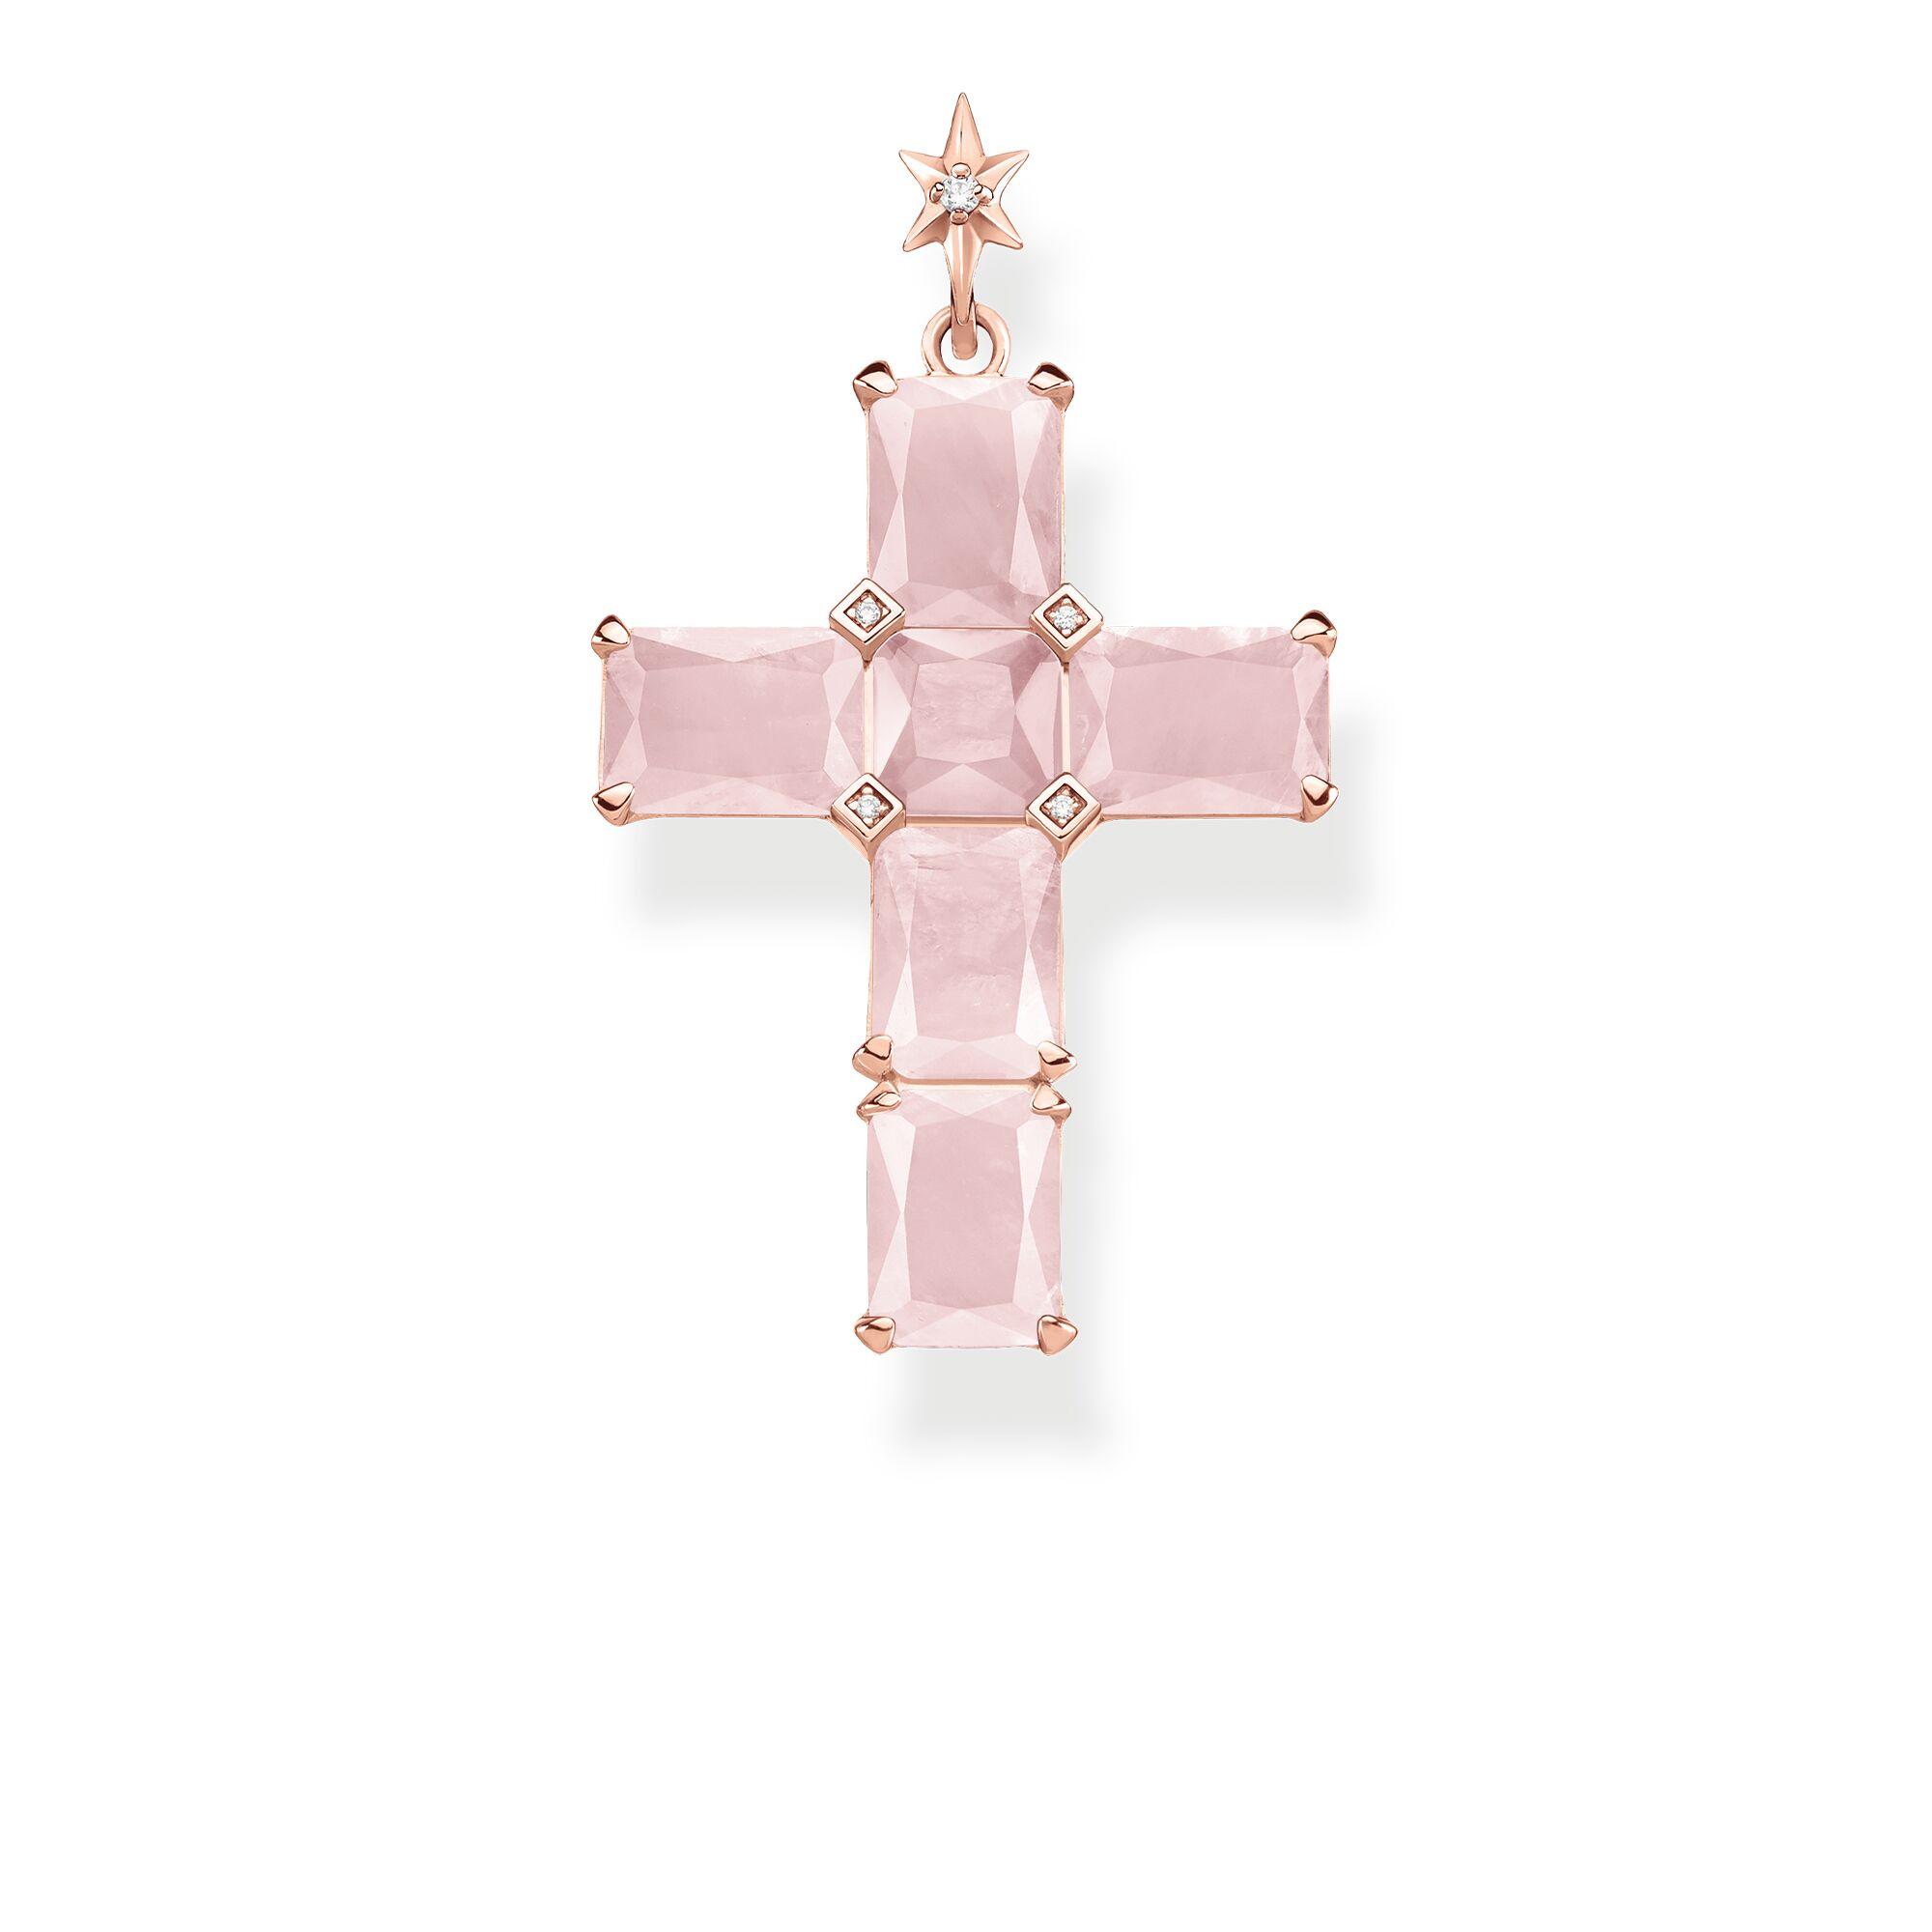 Anhänger Kreuz rosa Steine mit Stern PE890-417-9